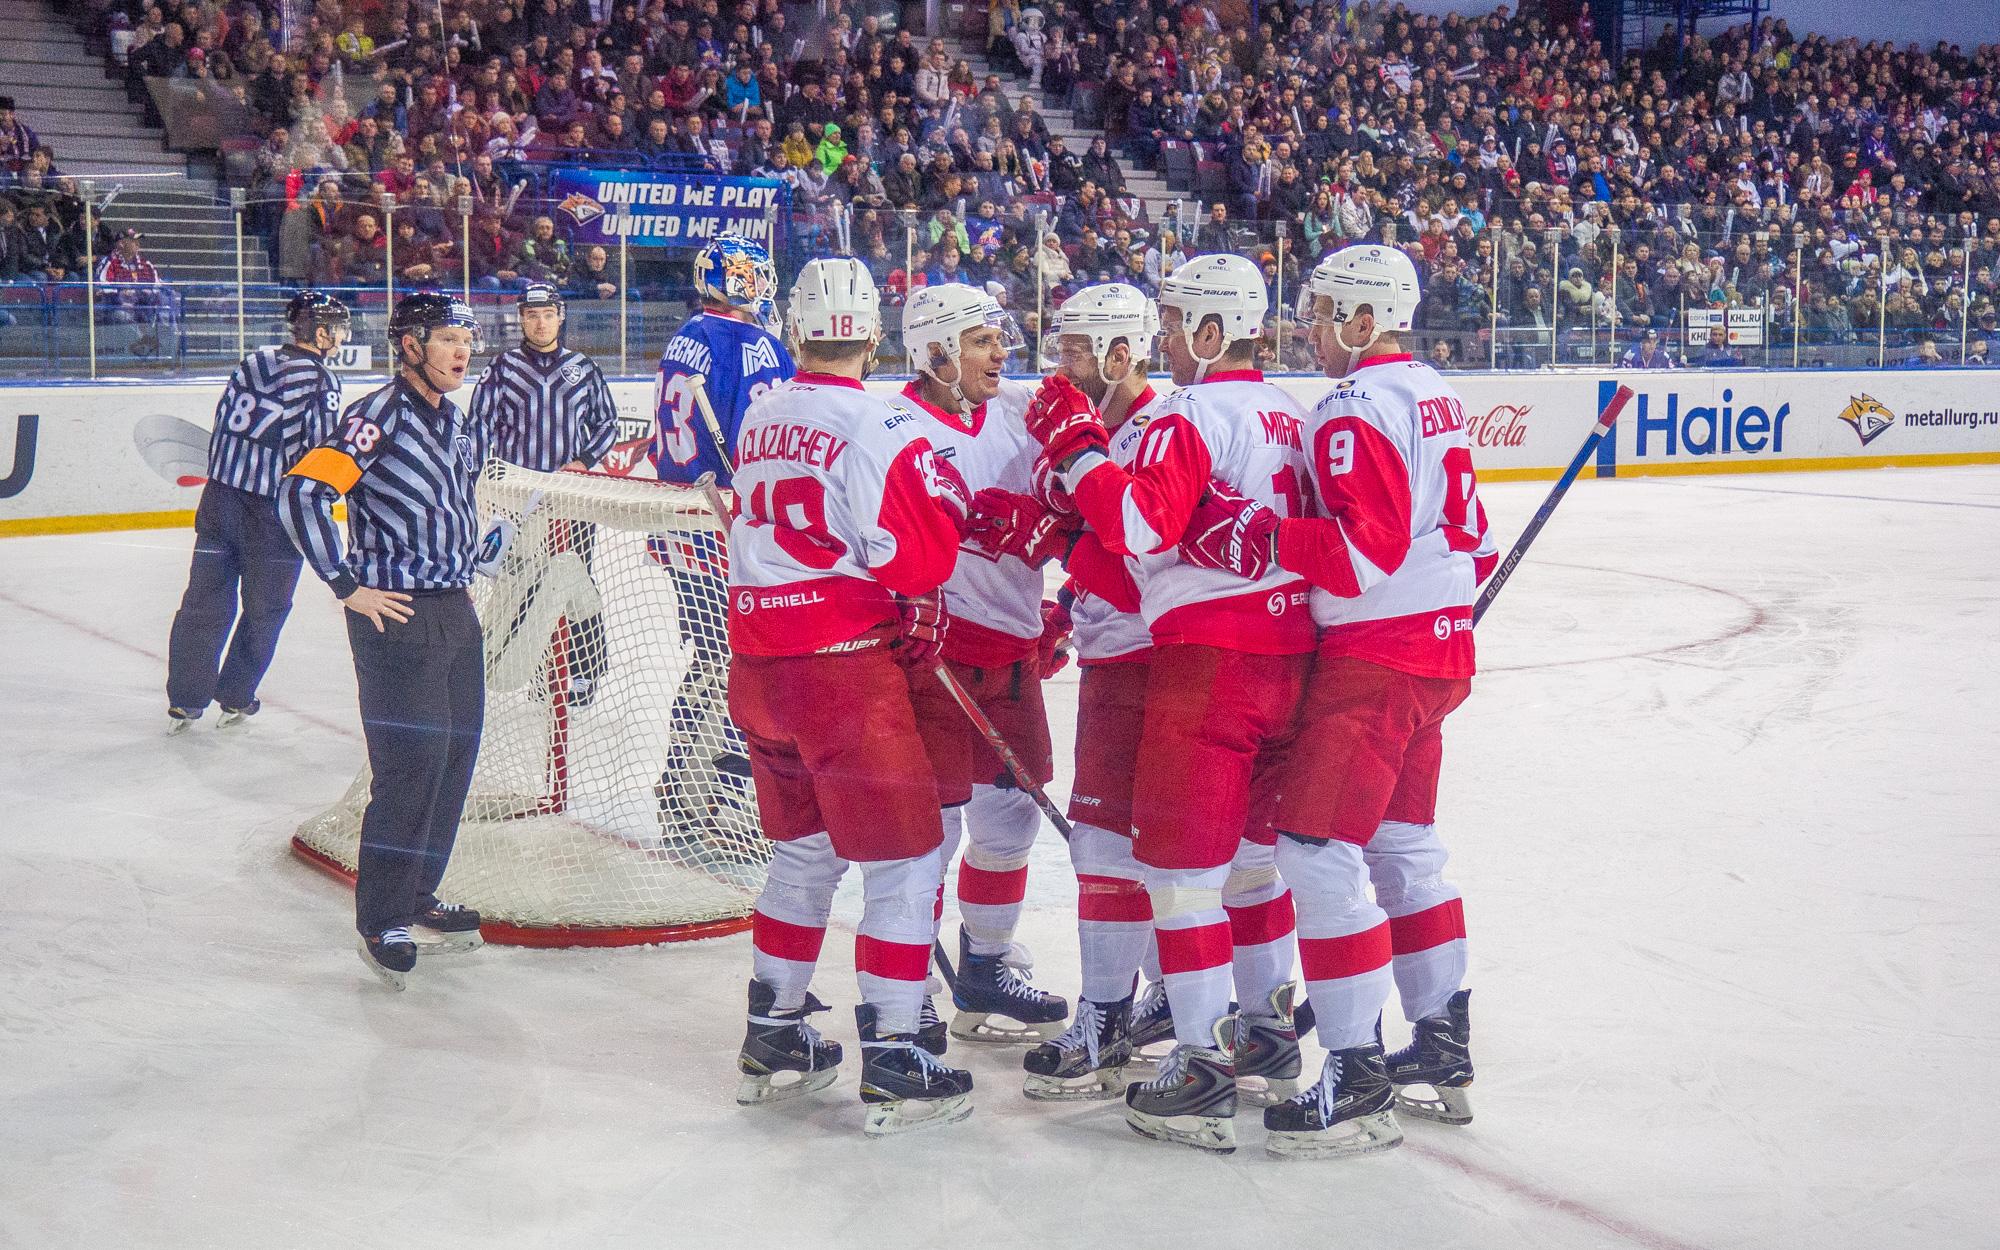 НижегородскийХК «Торпедо» уступил магнитогорскому «Металлургу» всложнейшем матче начужом льду